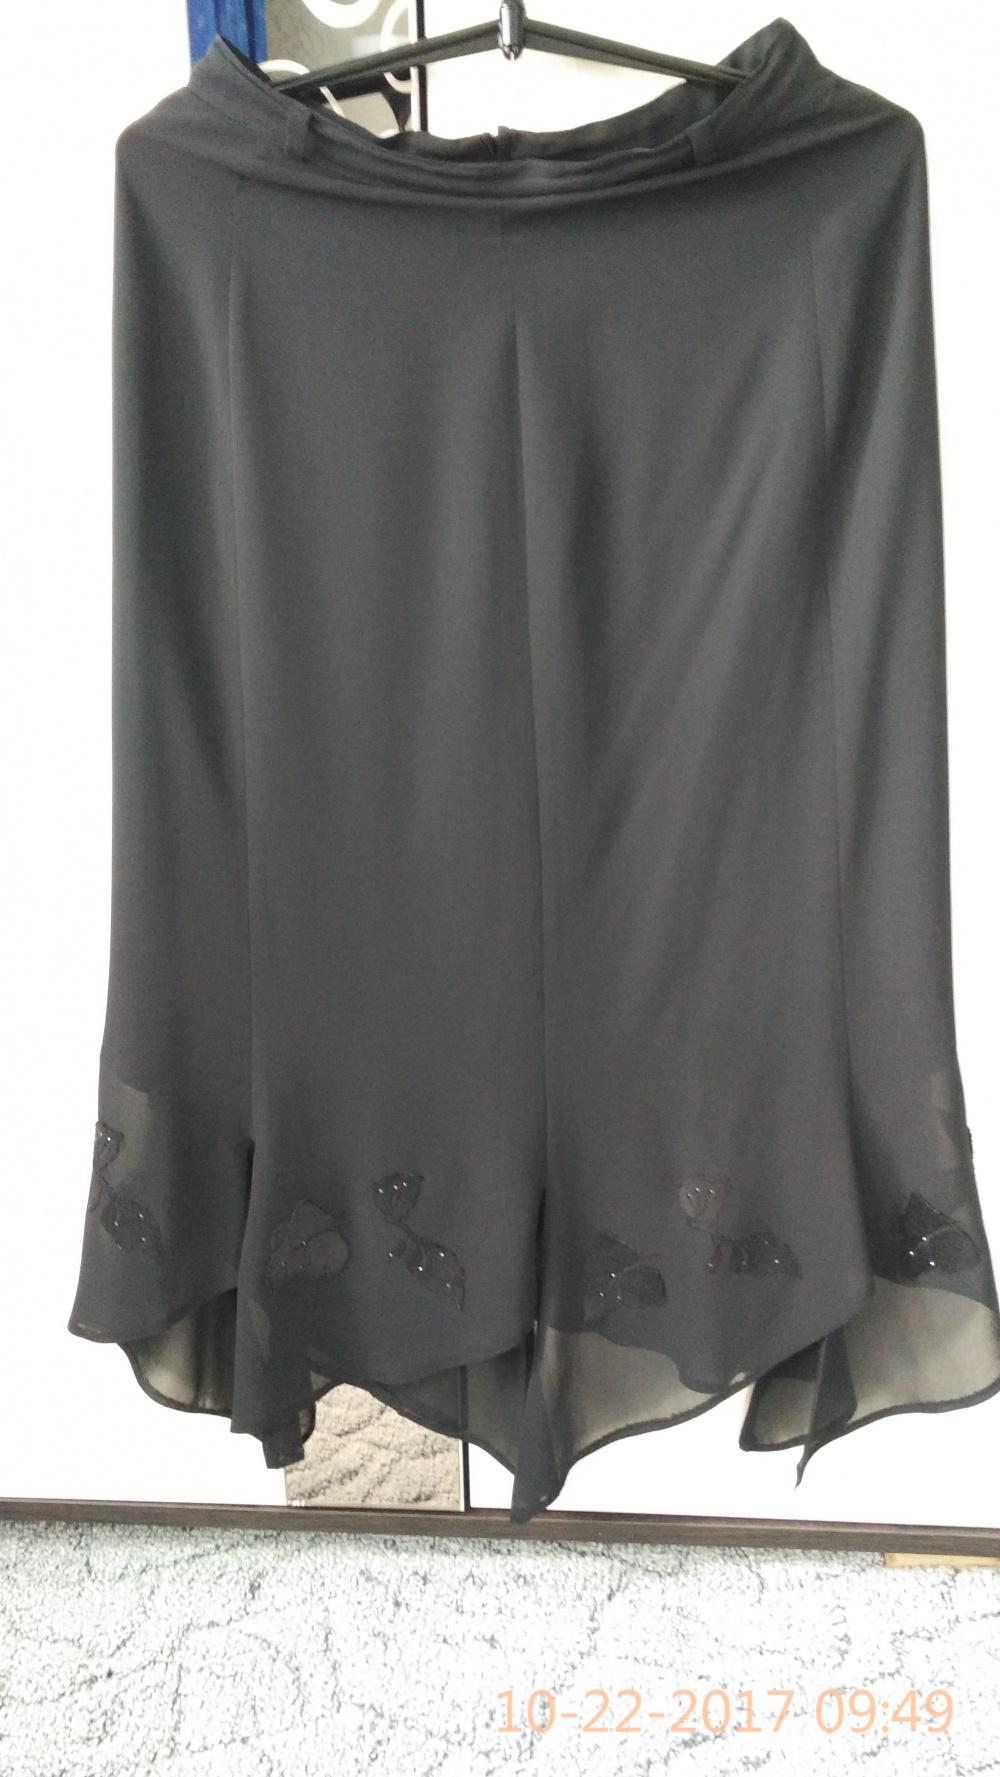 Черная юбка, Birdem etek, Турция размер 42-44